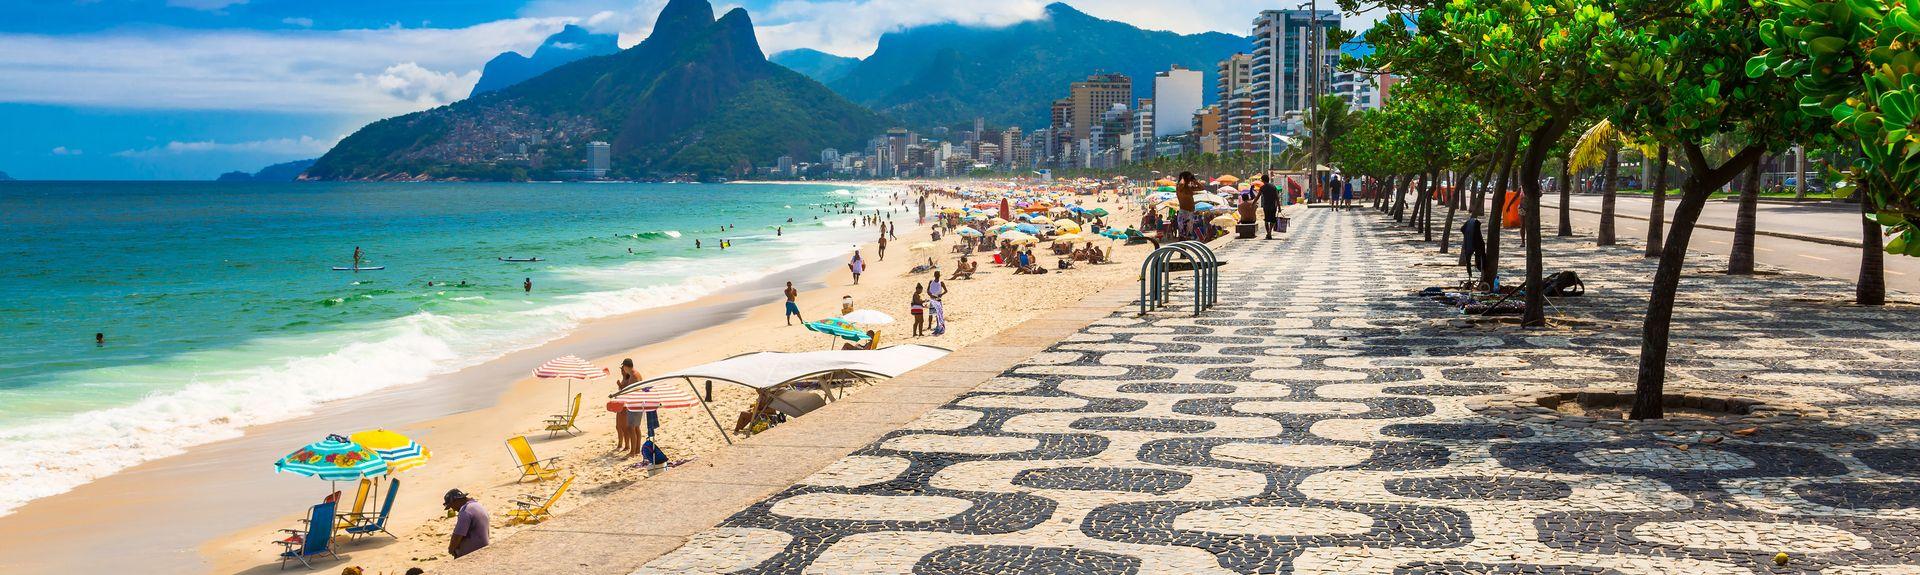 Ipanema, Rio de Janeiro, Região Sudeste, Brasil